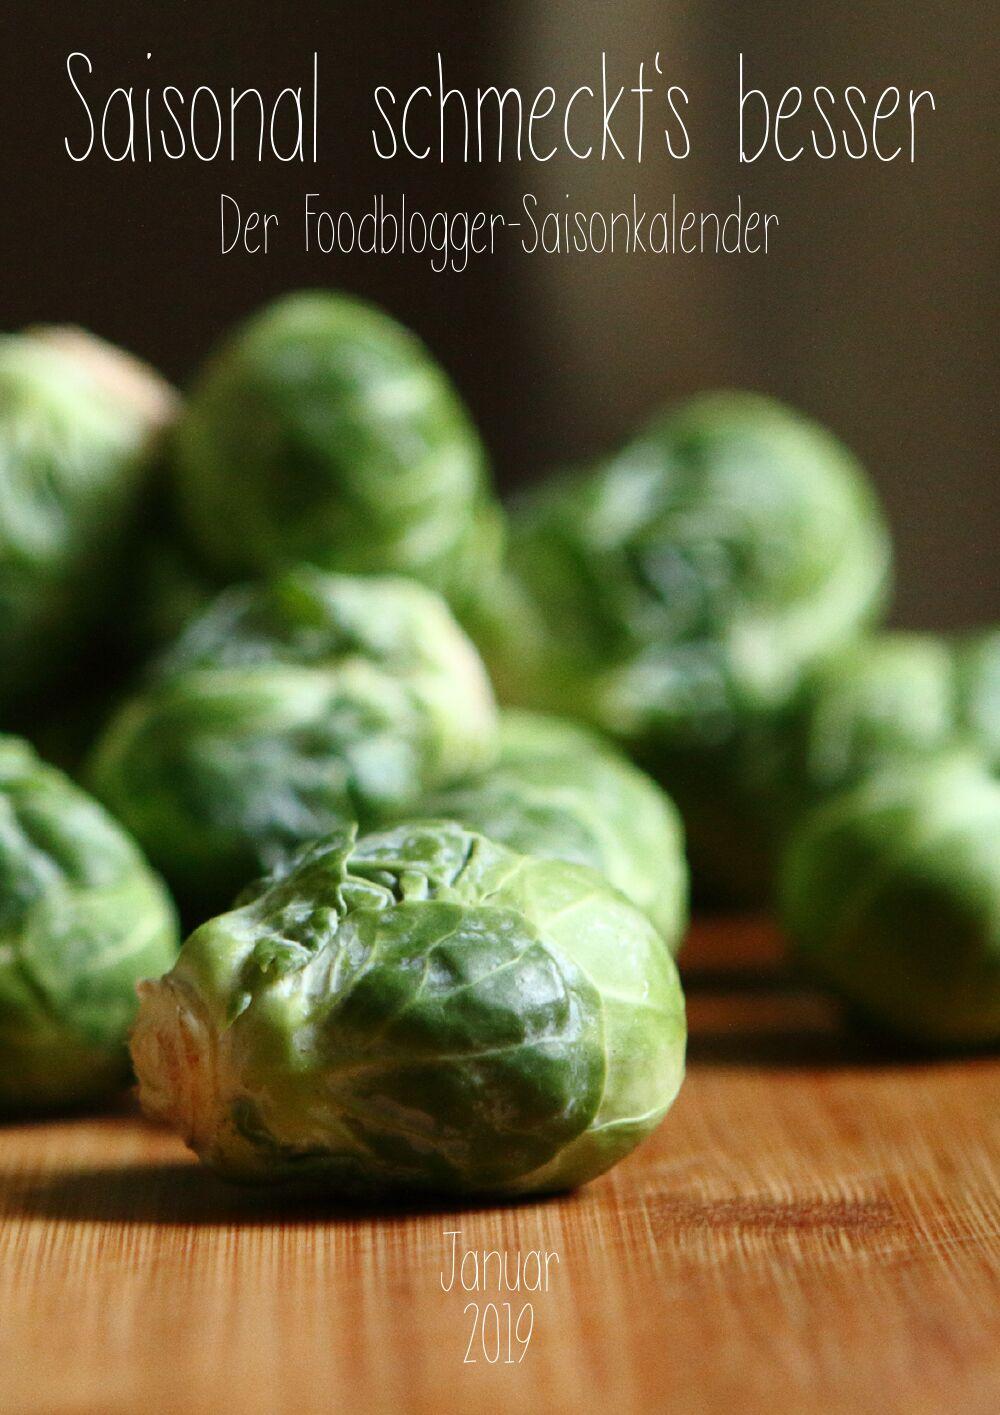 Madam Rote Rübe - Januar e-book Saisonal schmeckts besser